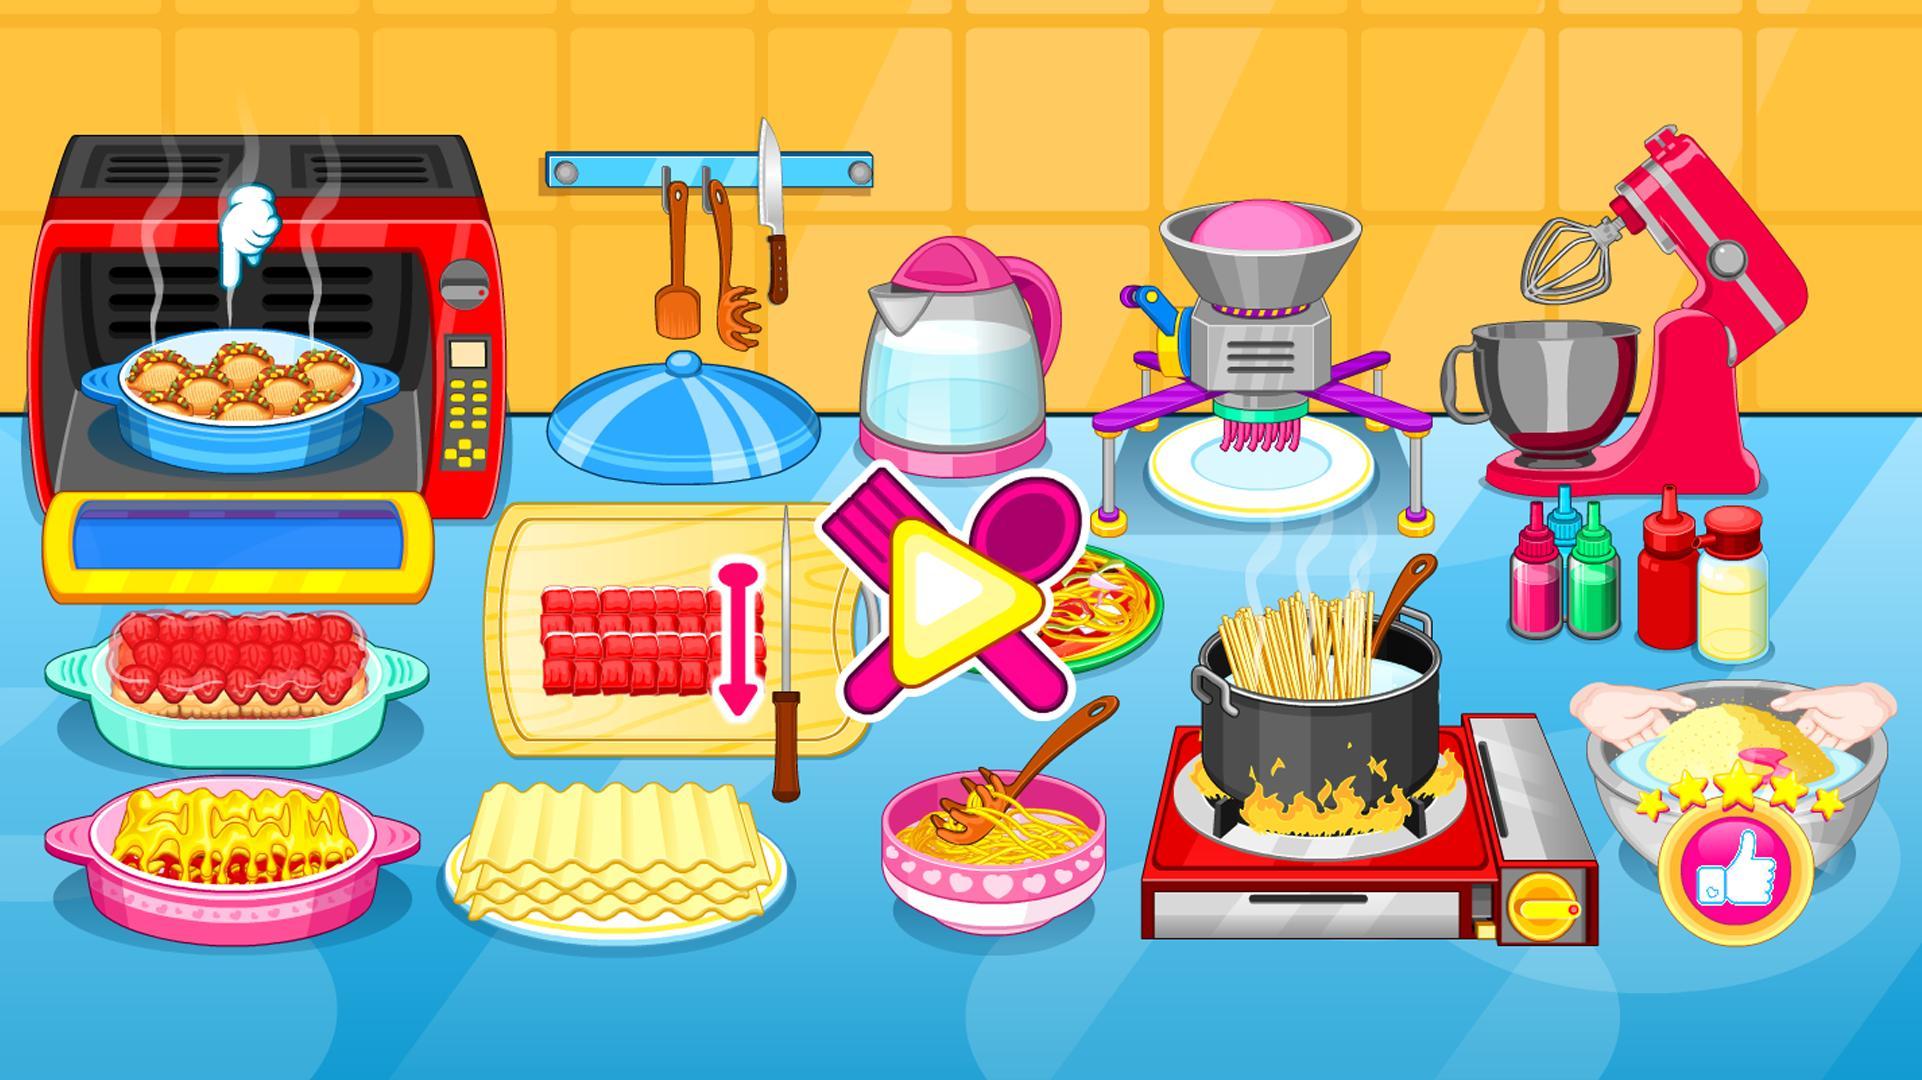 ألعاب طبخ للأطفال سريعة التحميل من خلال روابط مباشرة العاب اطفال